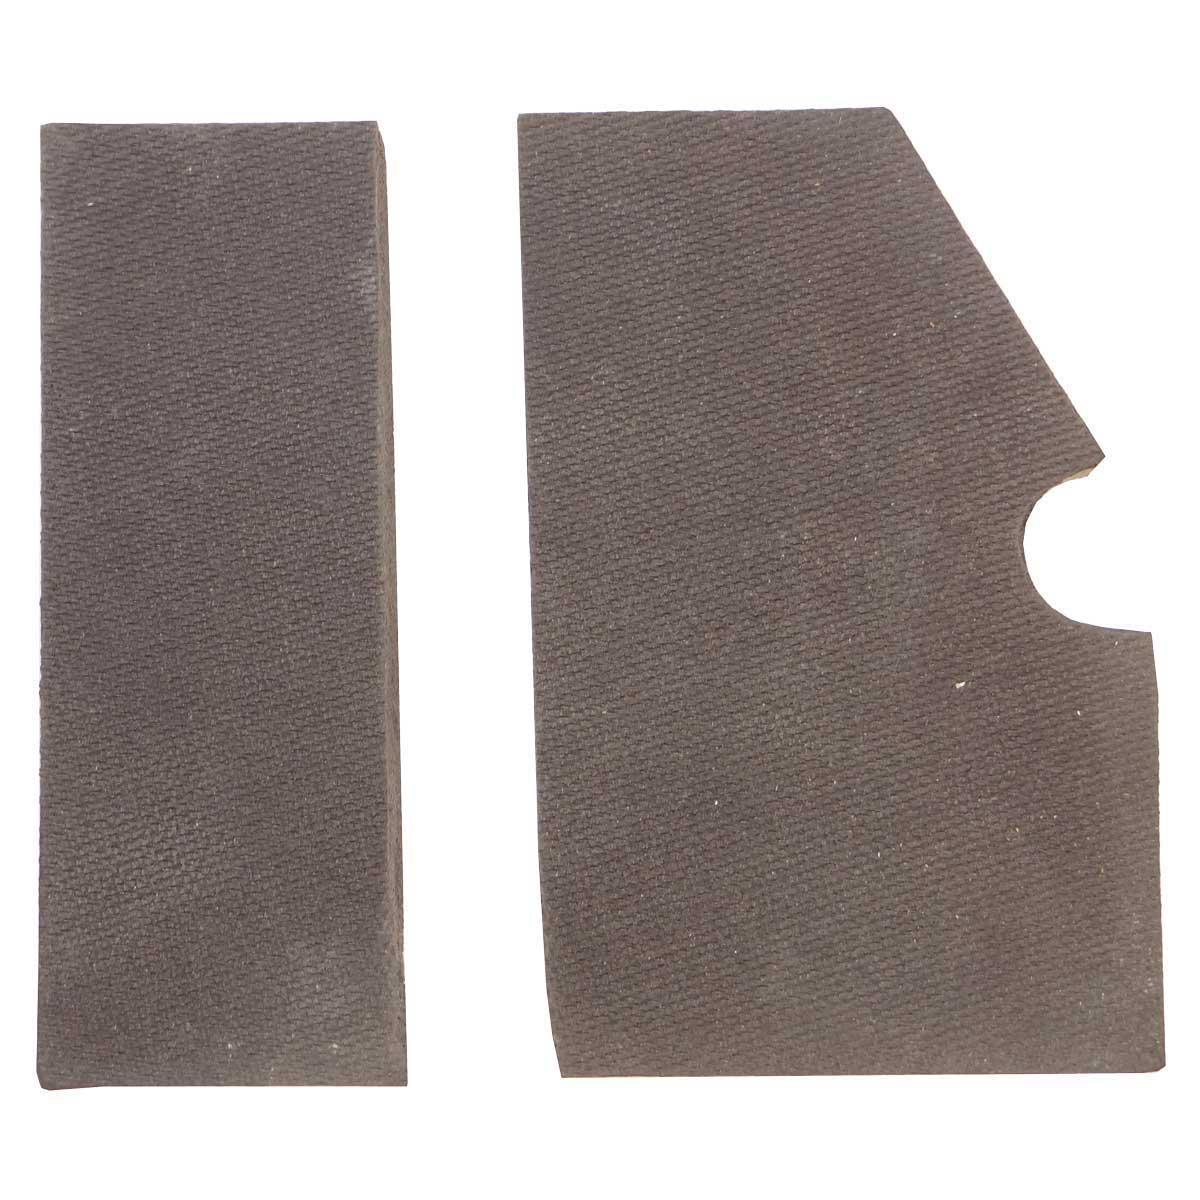 Superior Tile Cutter Replacement Parts Online. Contractors